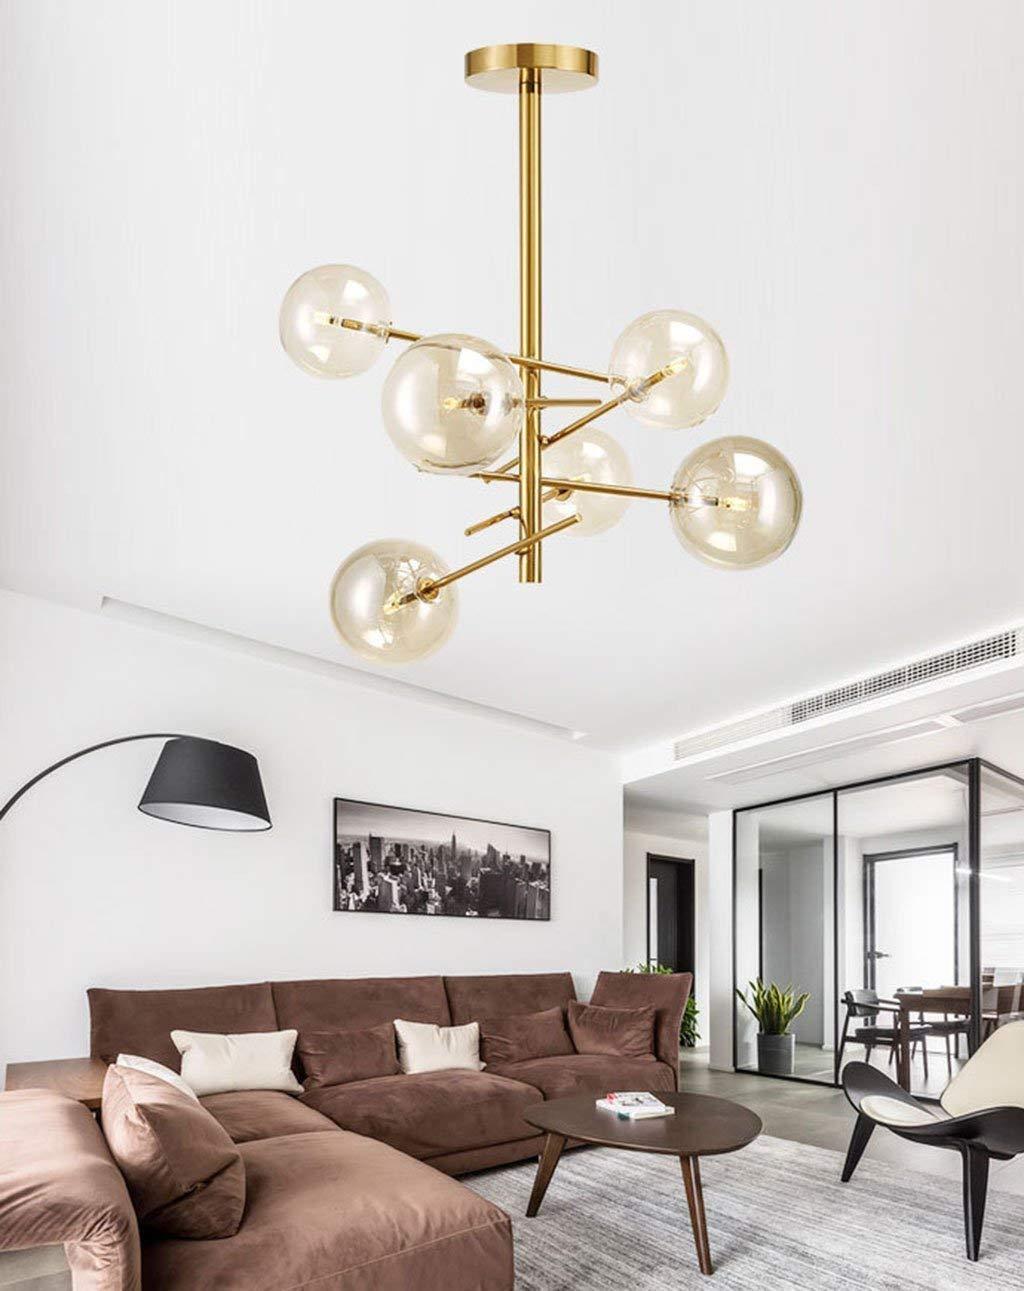 AXCJ Chandelier- Modern Creative Chandelier, Dormitorio Lounge Tienda de Ropa Restaurante, Iluminación Interior.: Amazon.es: Deportes y aire libre